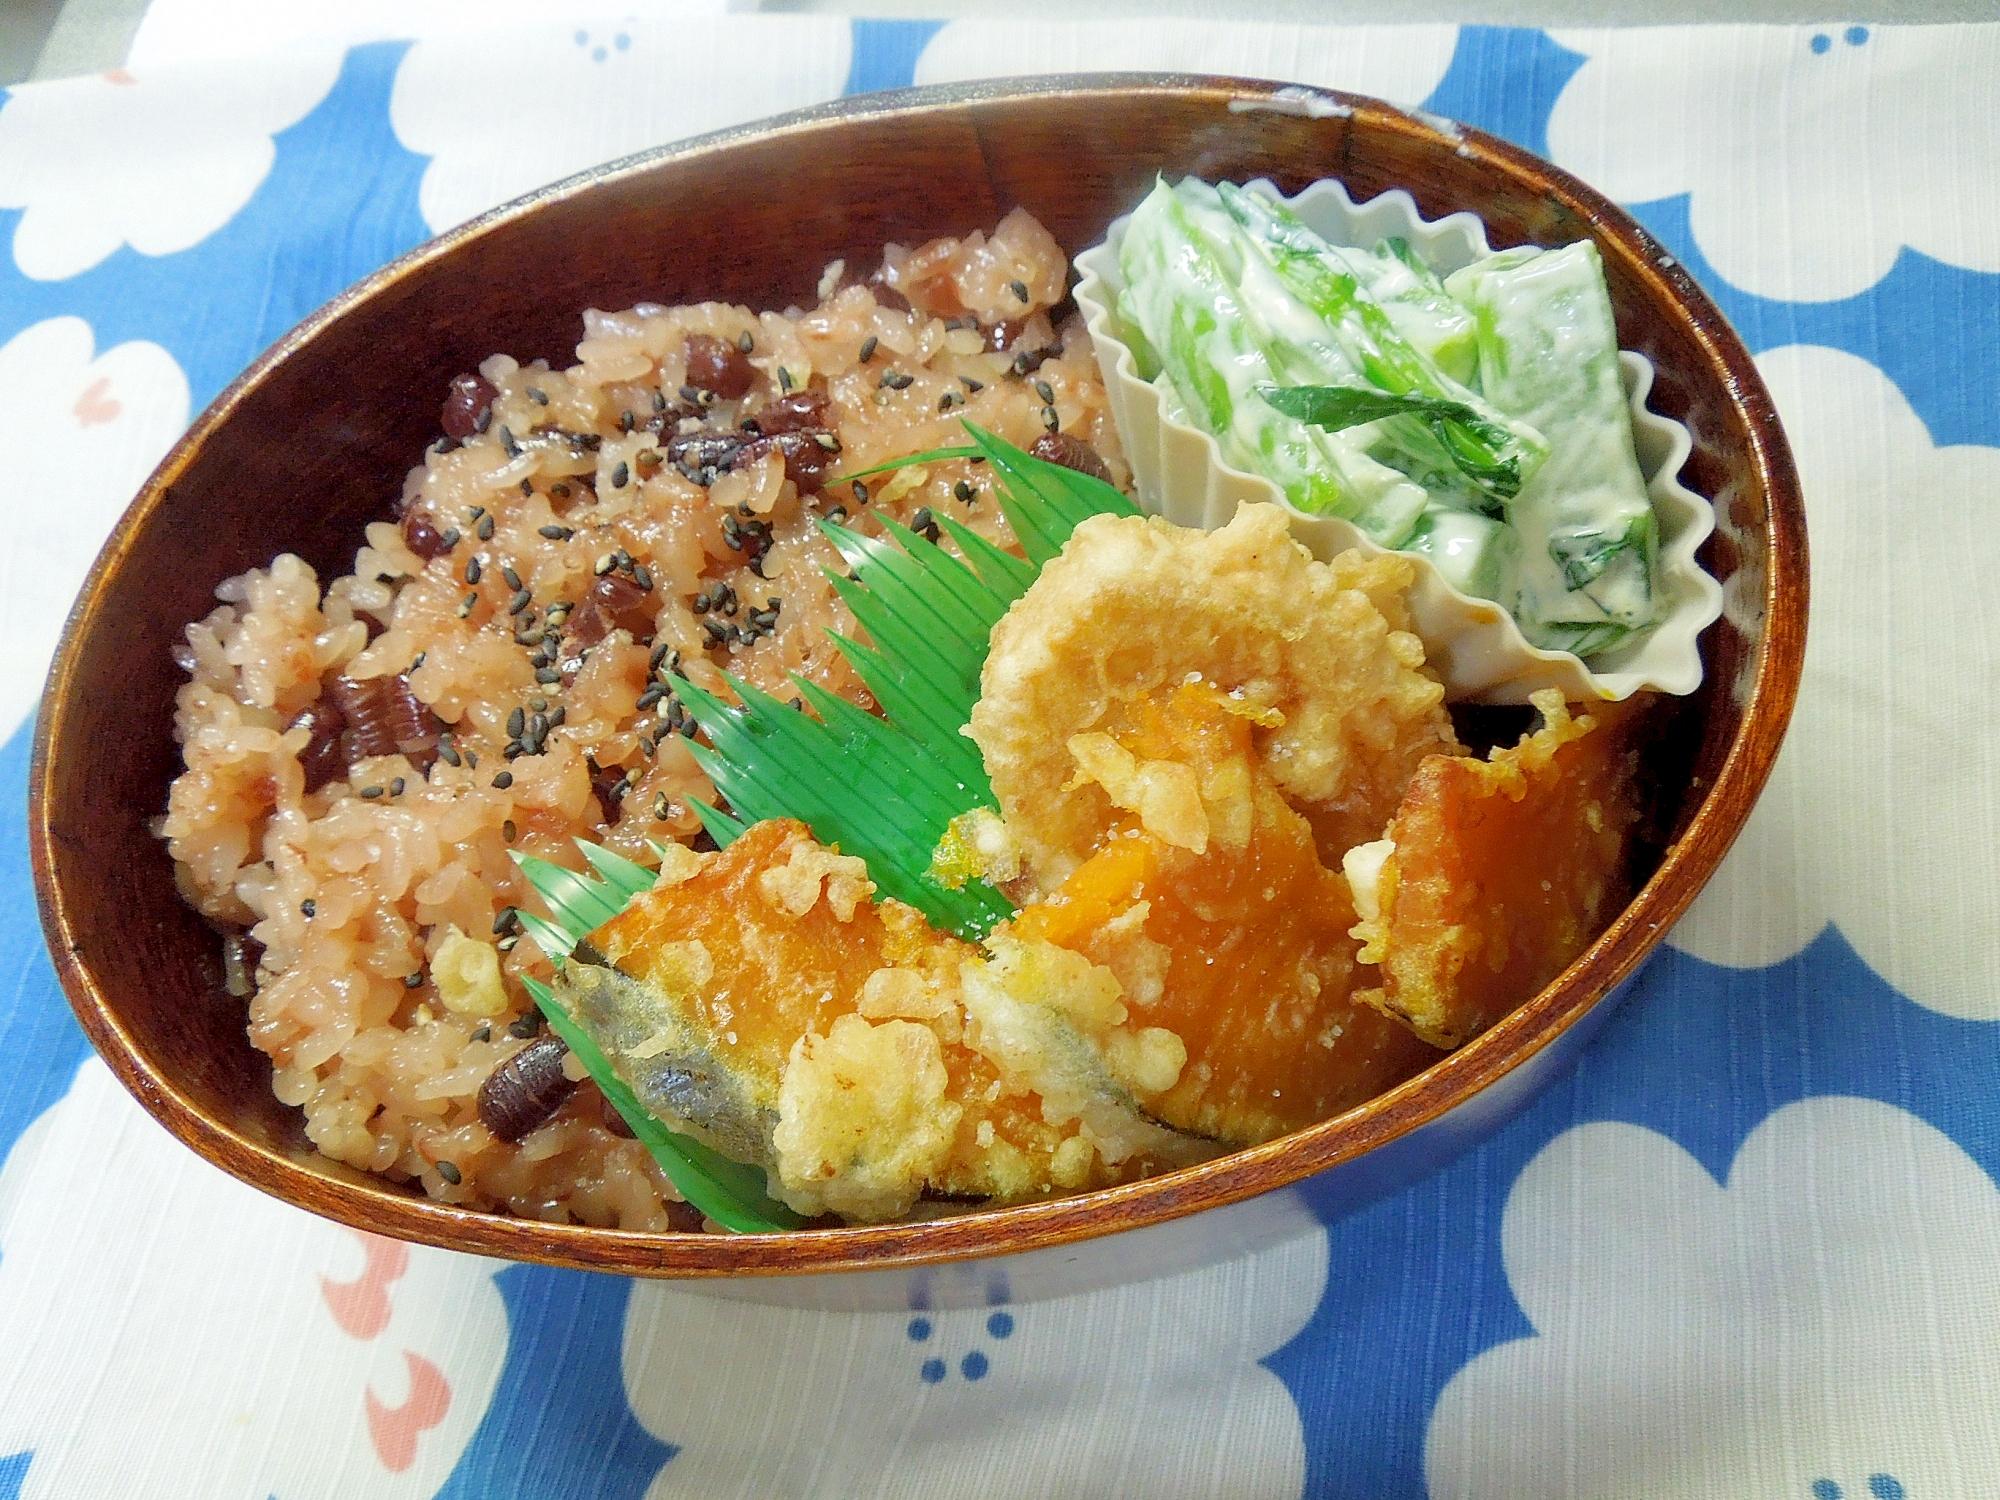 お赤飯とカボチャさつまいもの天ぷら弁当